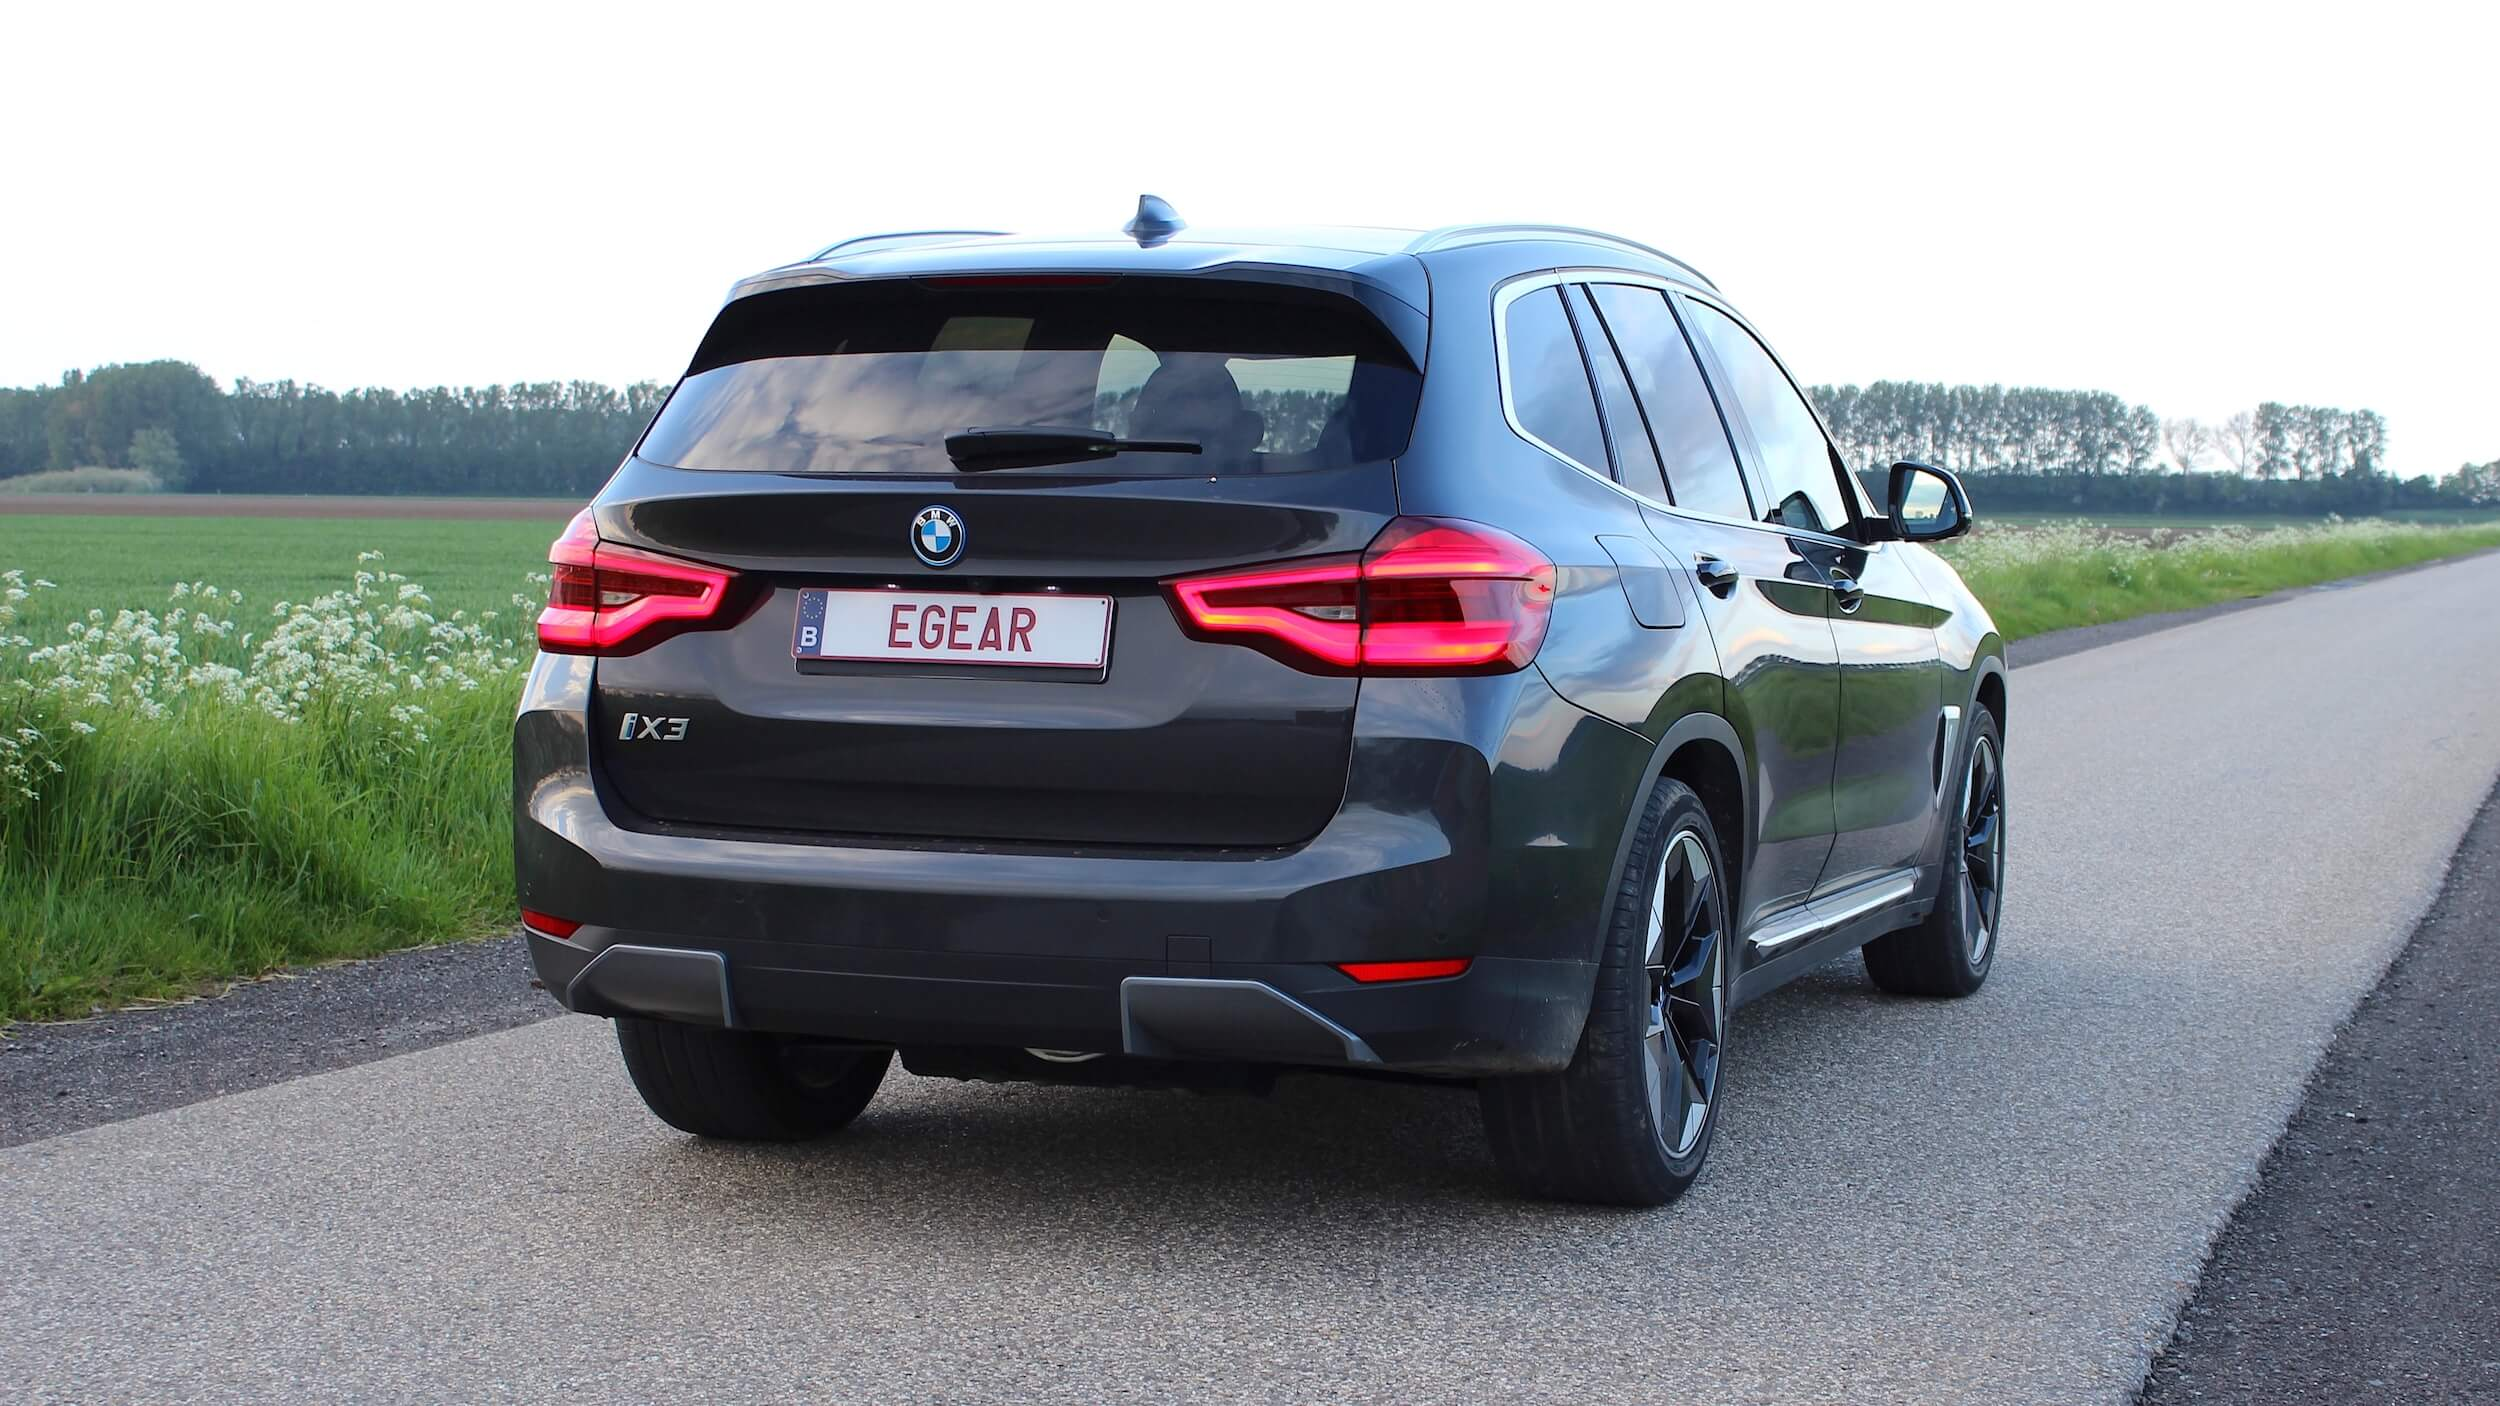 BMW iX3 met Belgische nummerplaat